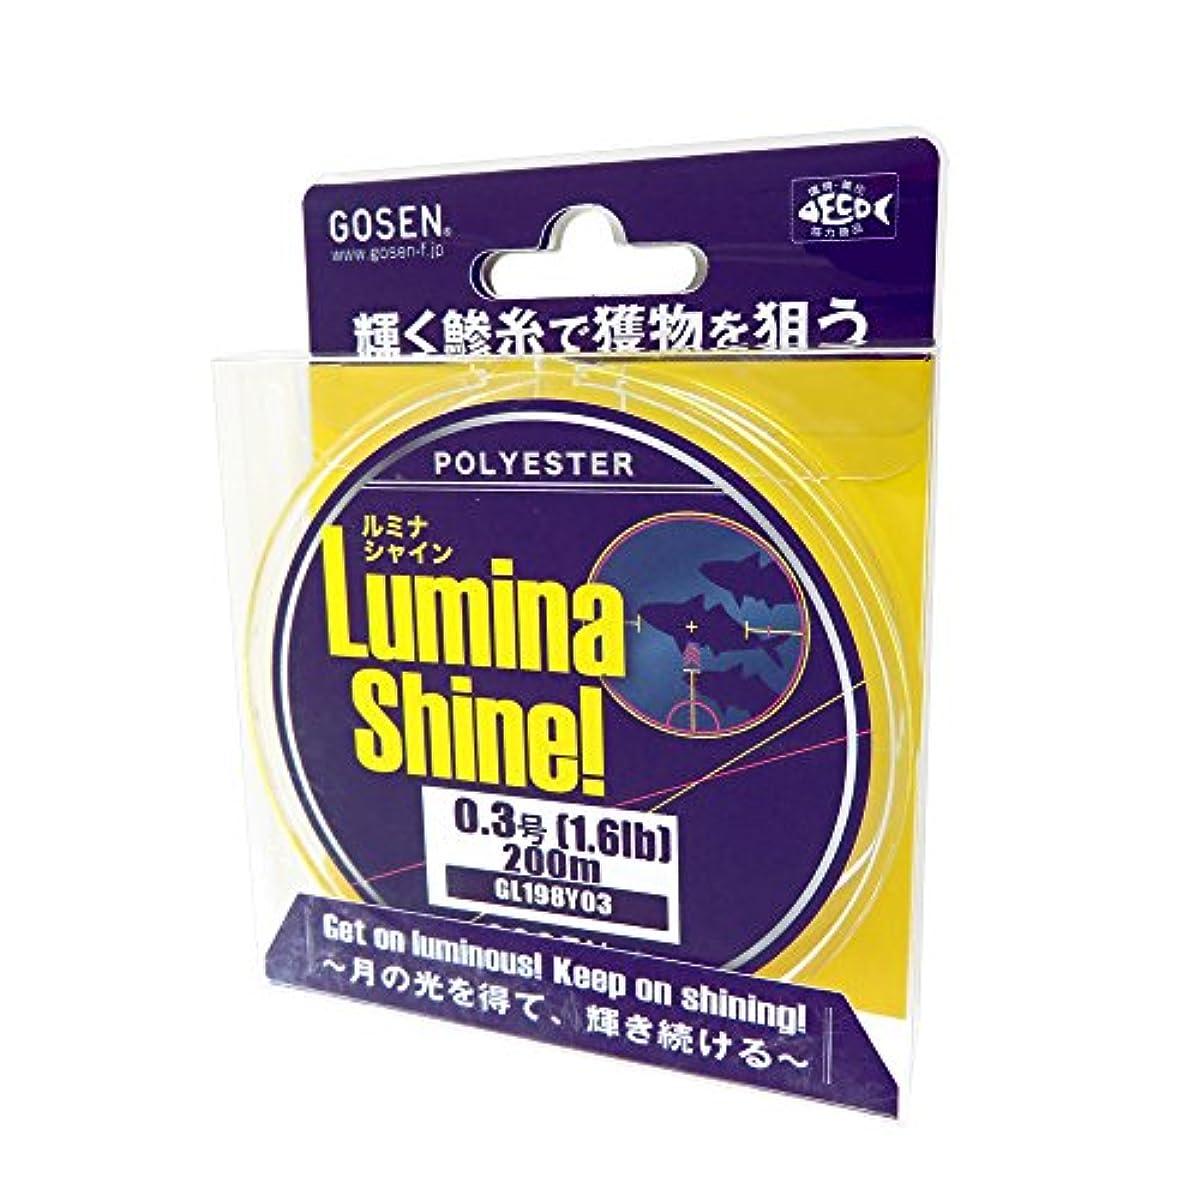 [해외] 고센 에스테르 라인 루미나샤인 200M 옐로우